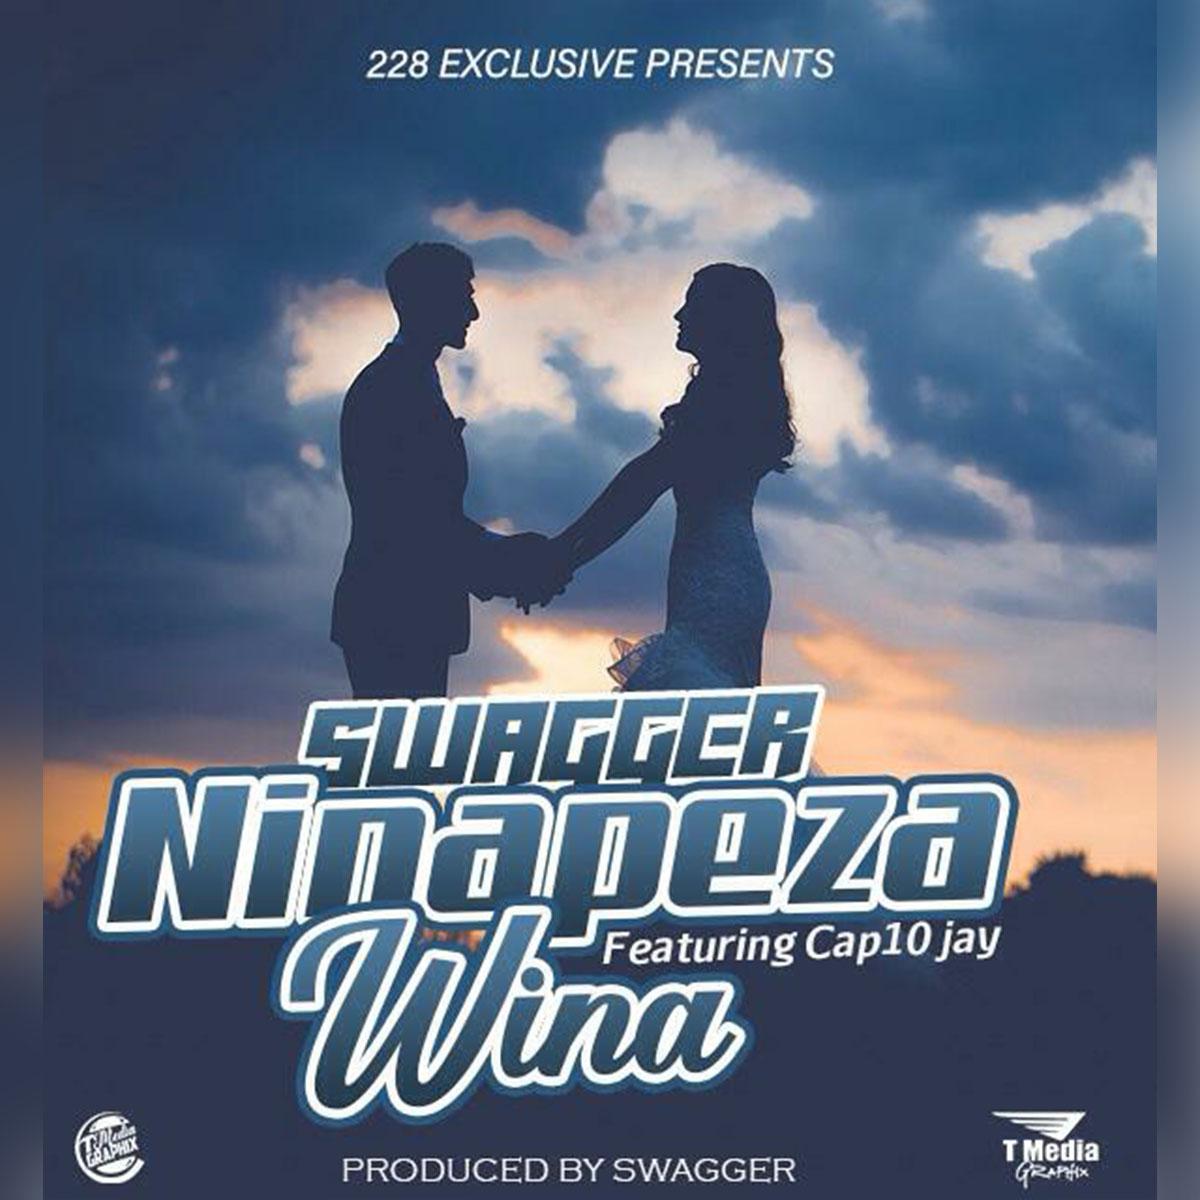 Swagger ft. Cap10 Jay - Ninapeza Wina